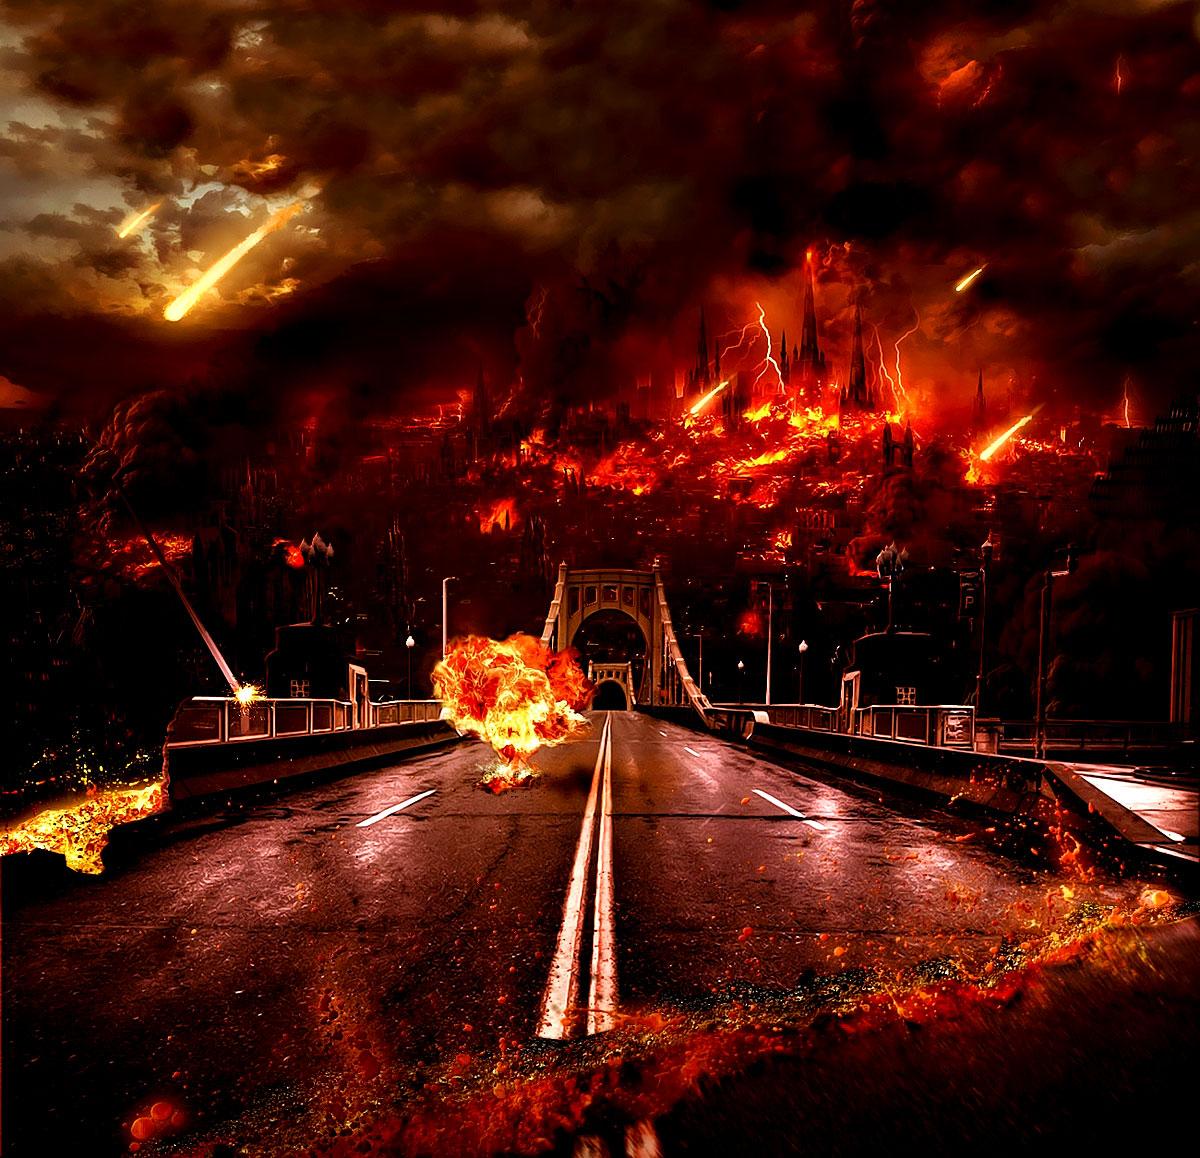 Weltuntergang: Ein Feuerregen zerstört die Erde